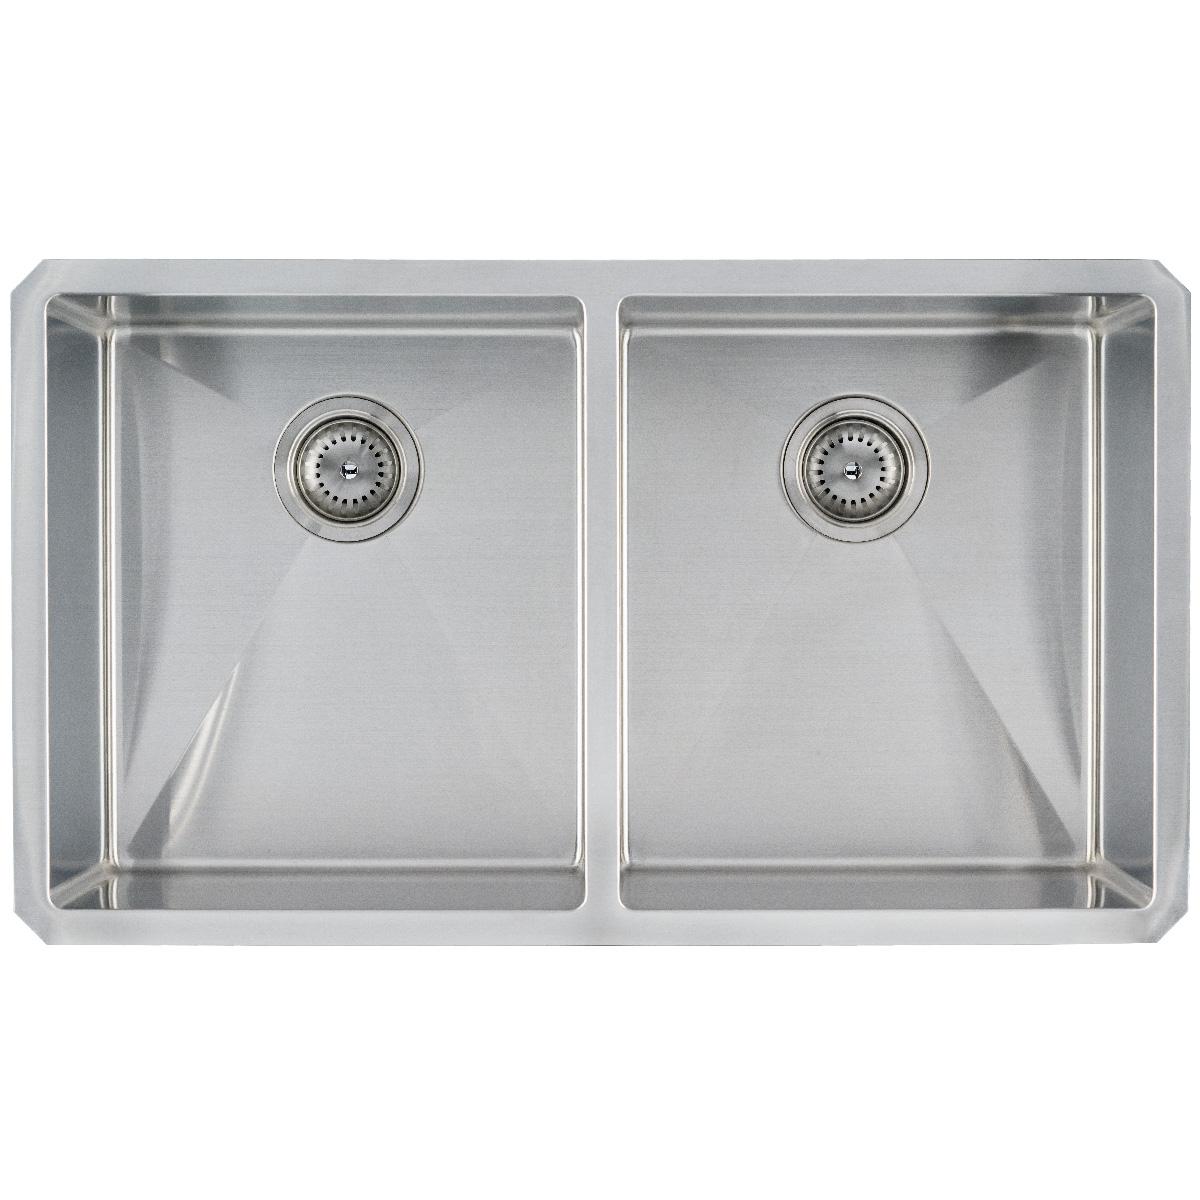 Sinks -ss-16-gau-handcrafted-double-bowl-50-50-3219-SIN-16-DBLBWL-WEL-5050-3219